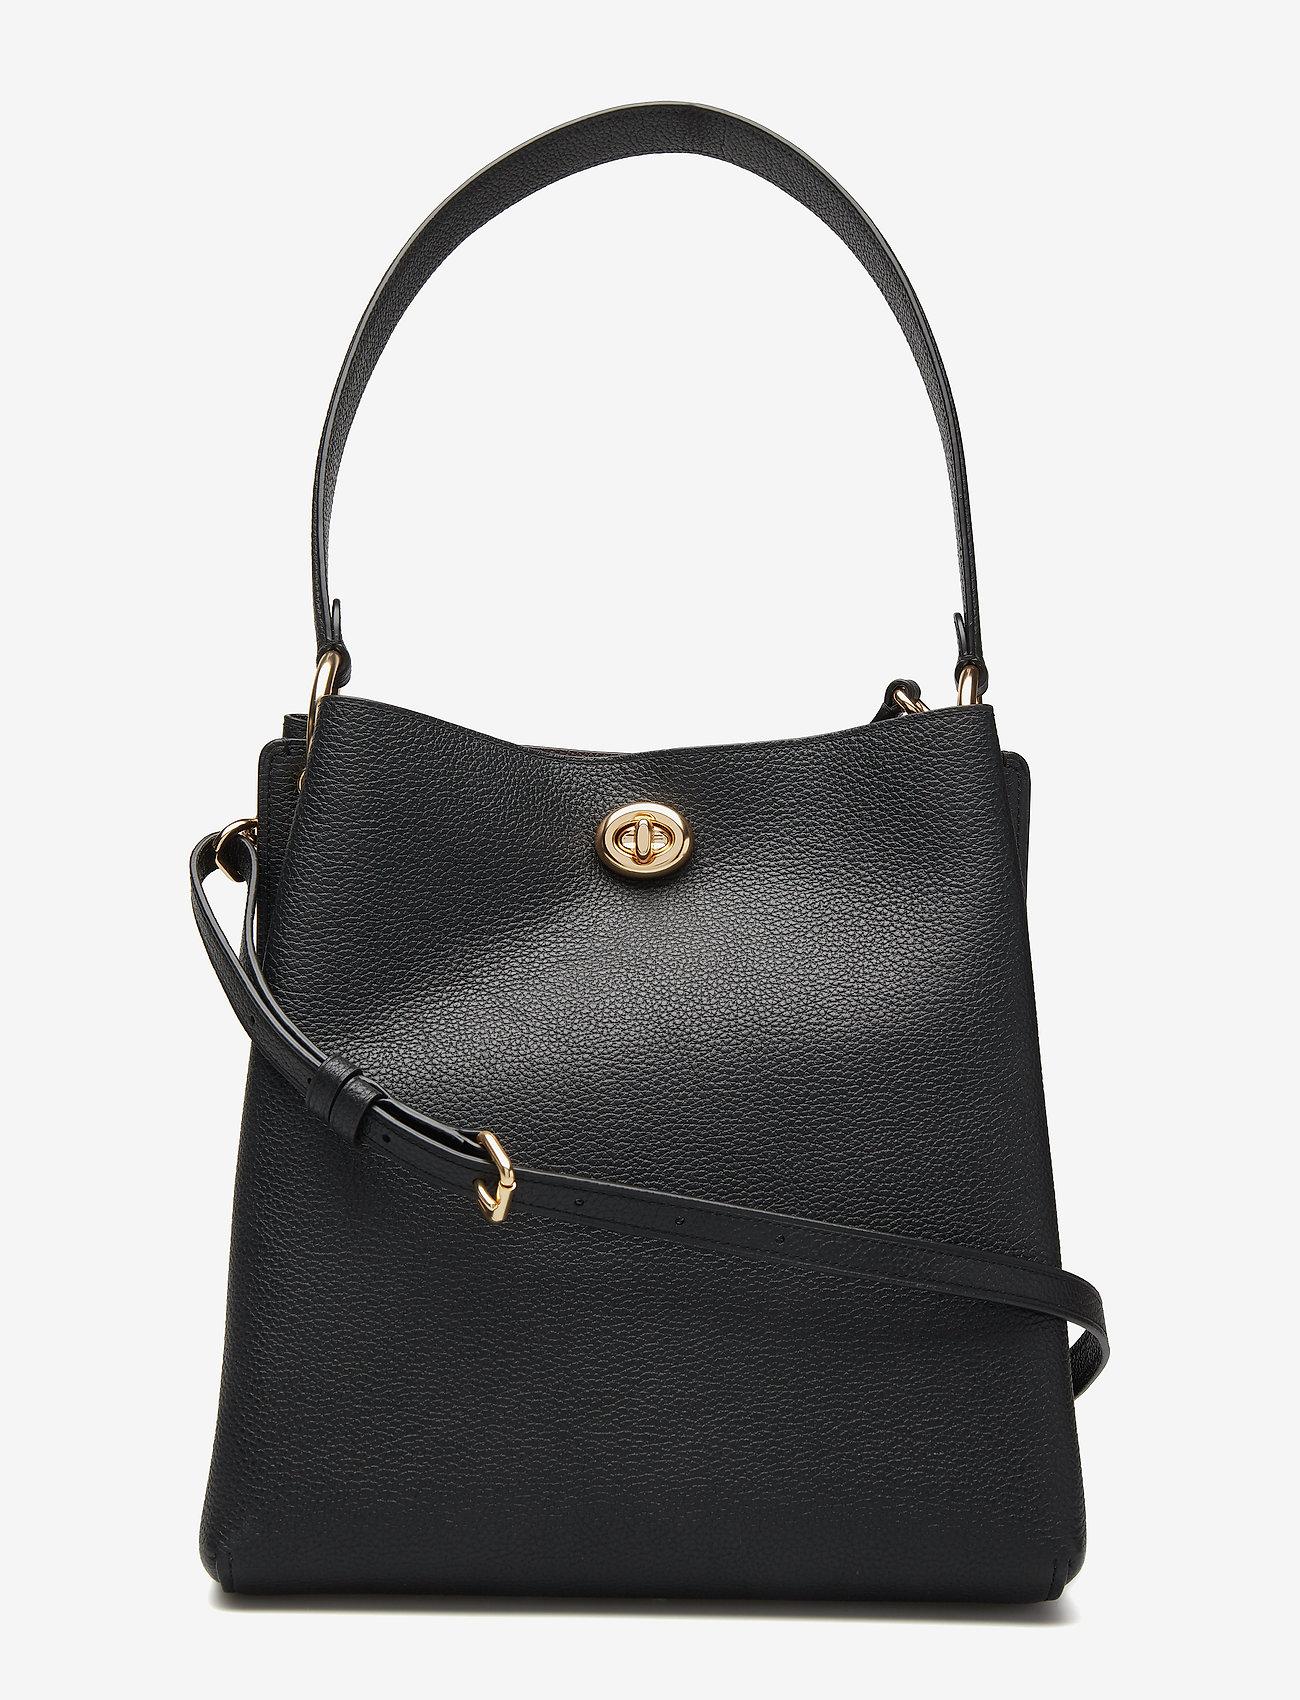 Coach Womens Bags Shoulder Bag - Handväskor Gd/black